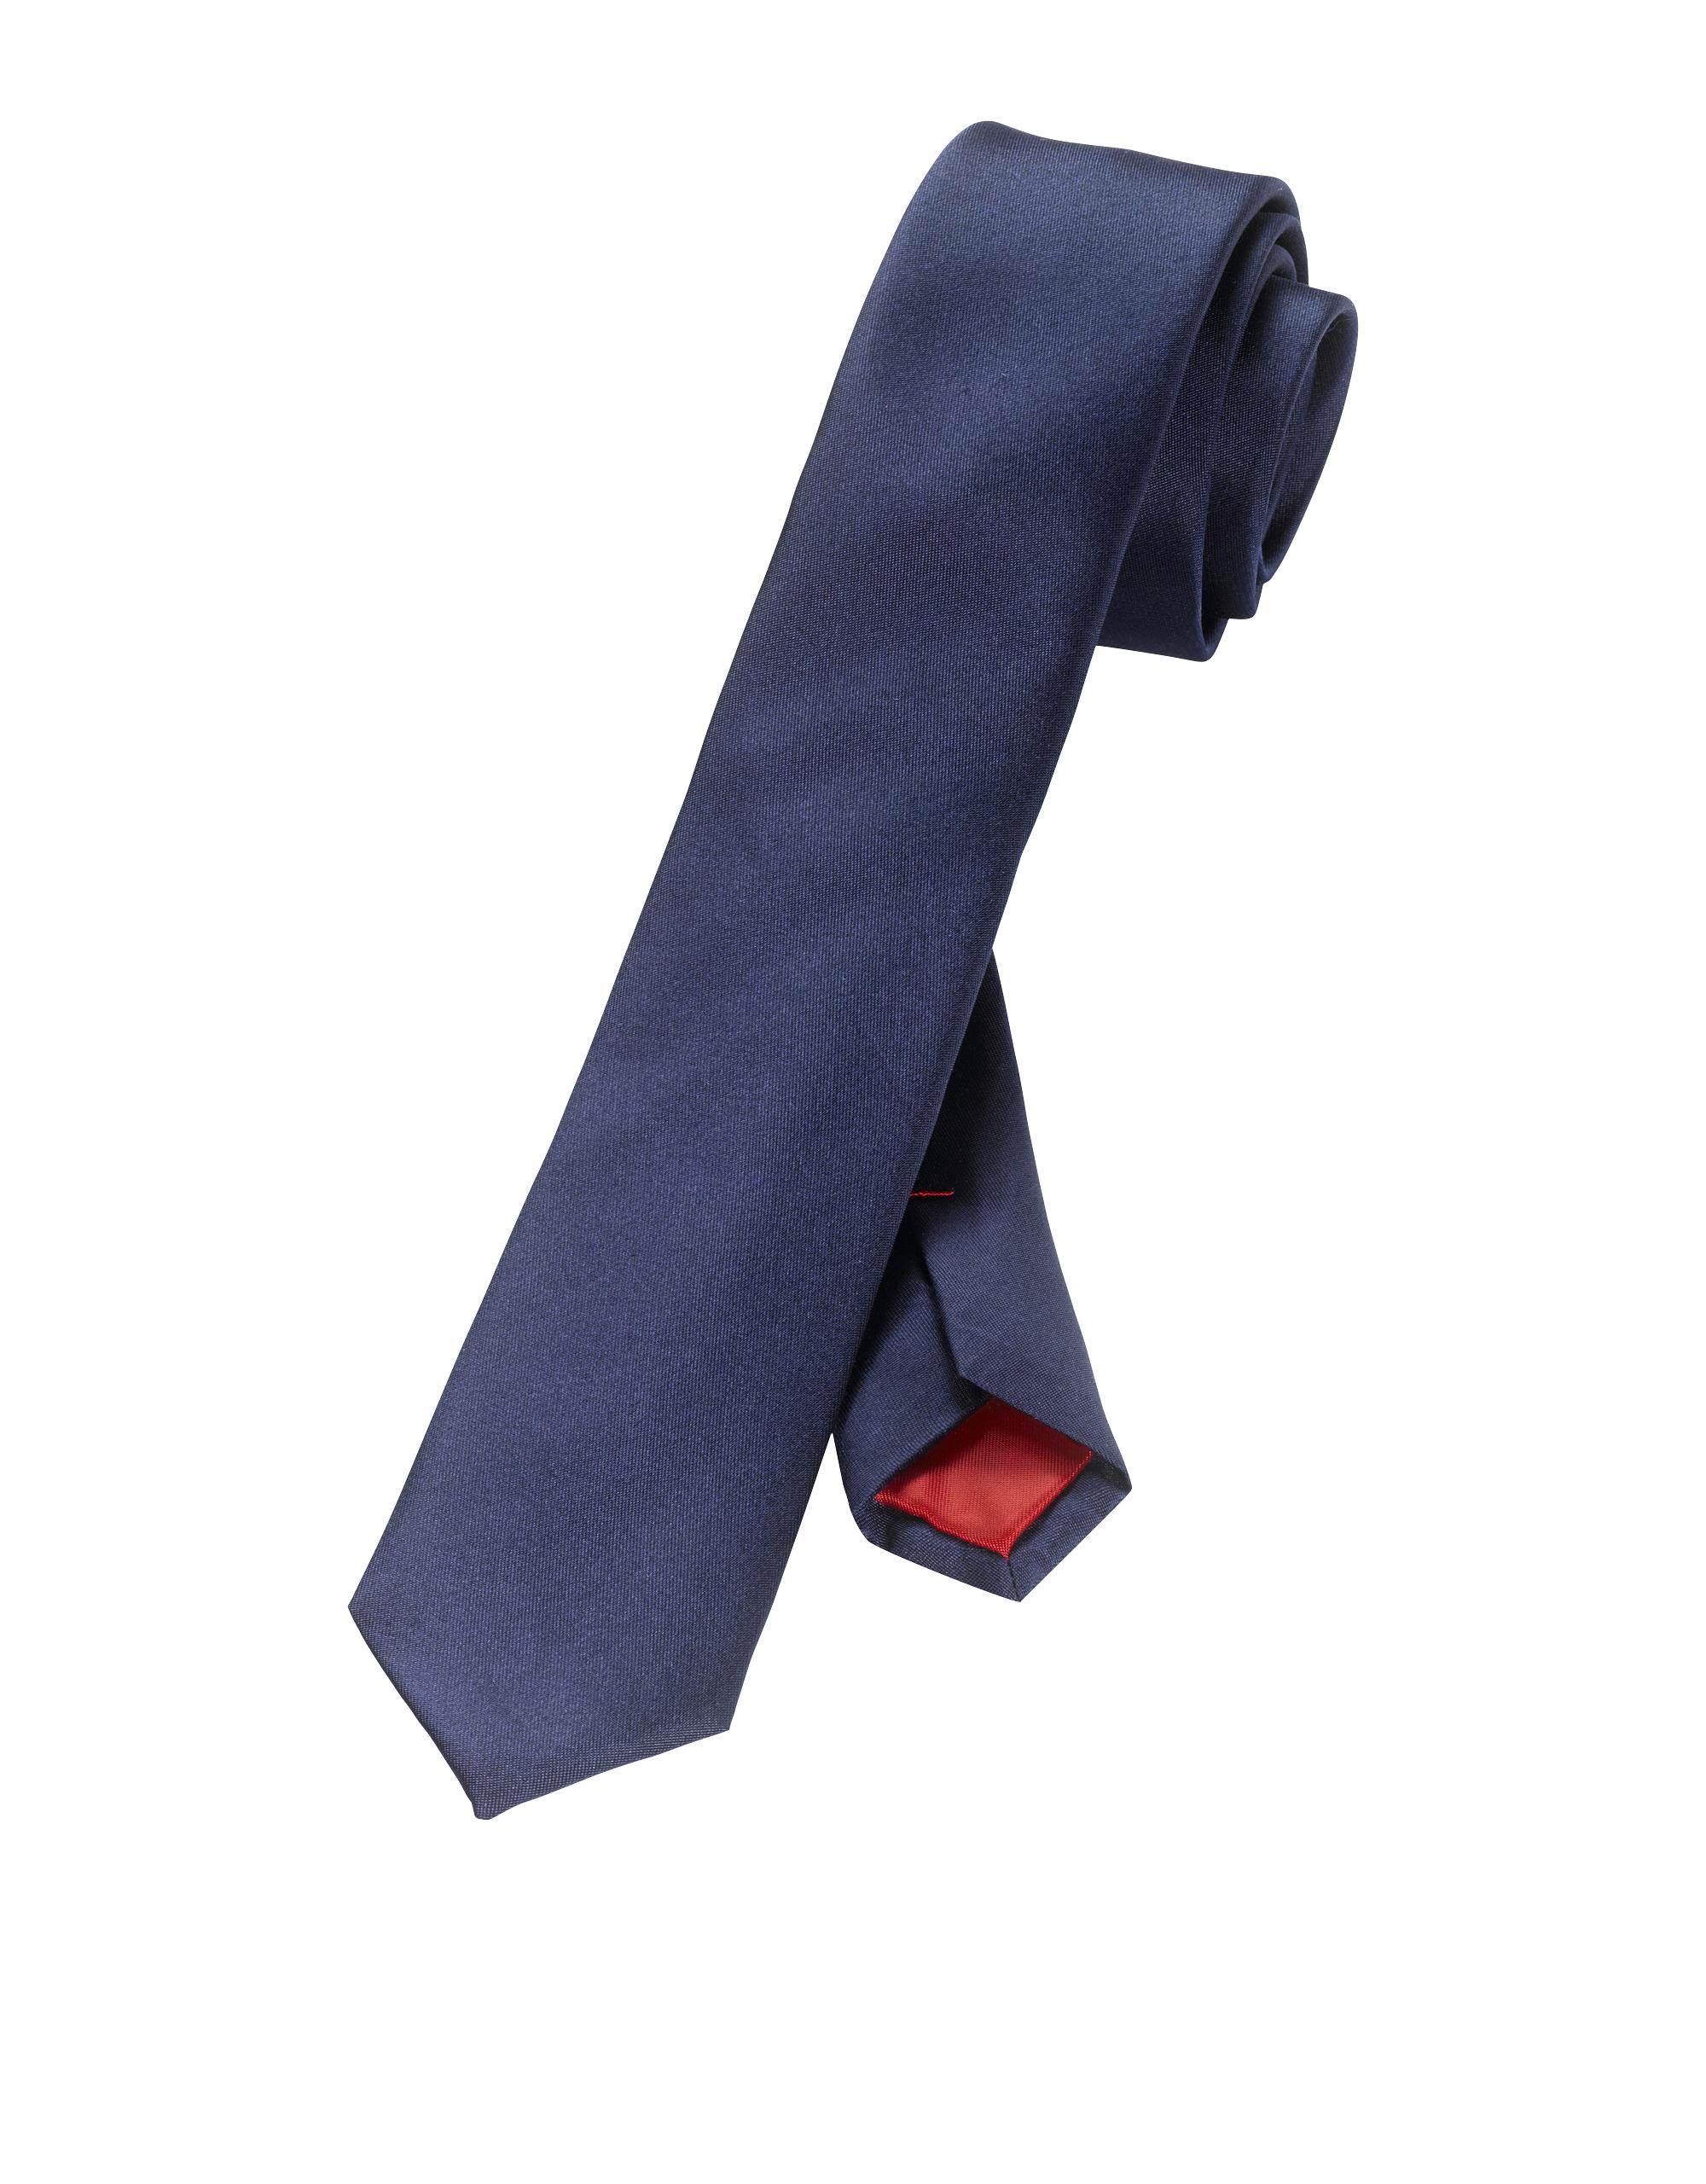 OLYMP  Krawatte, Marine, | Accessoires > Krawatten > Sonstige Krawatten | Seide | OLYMP